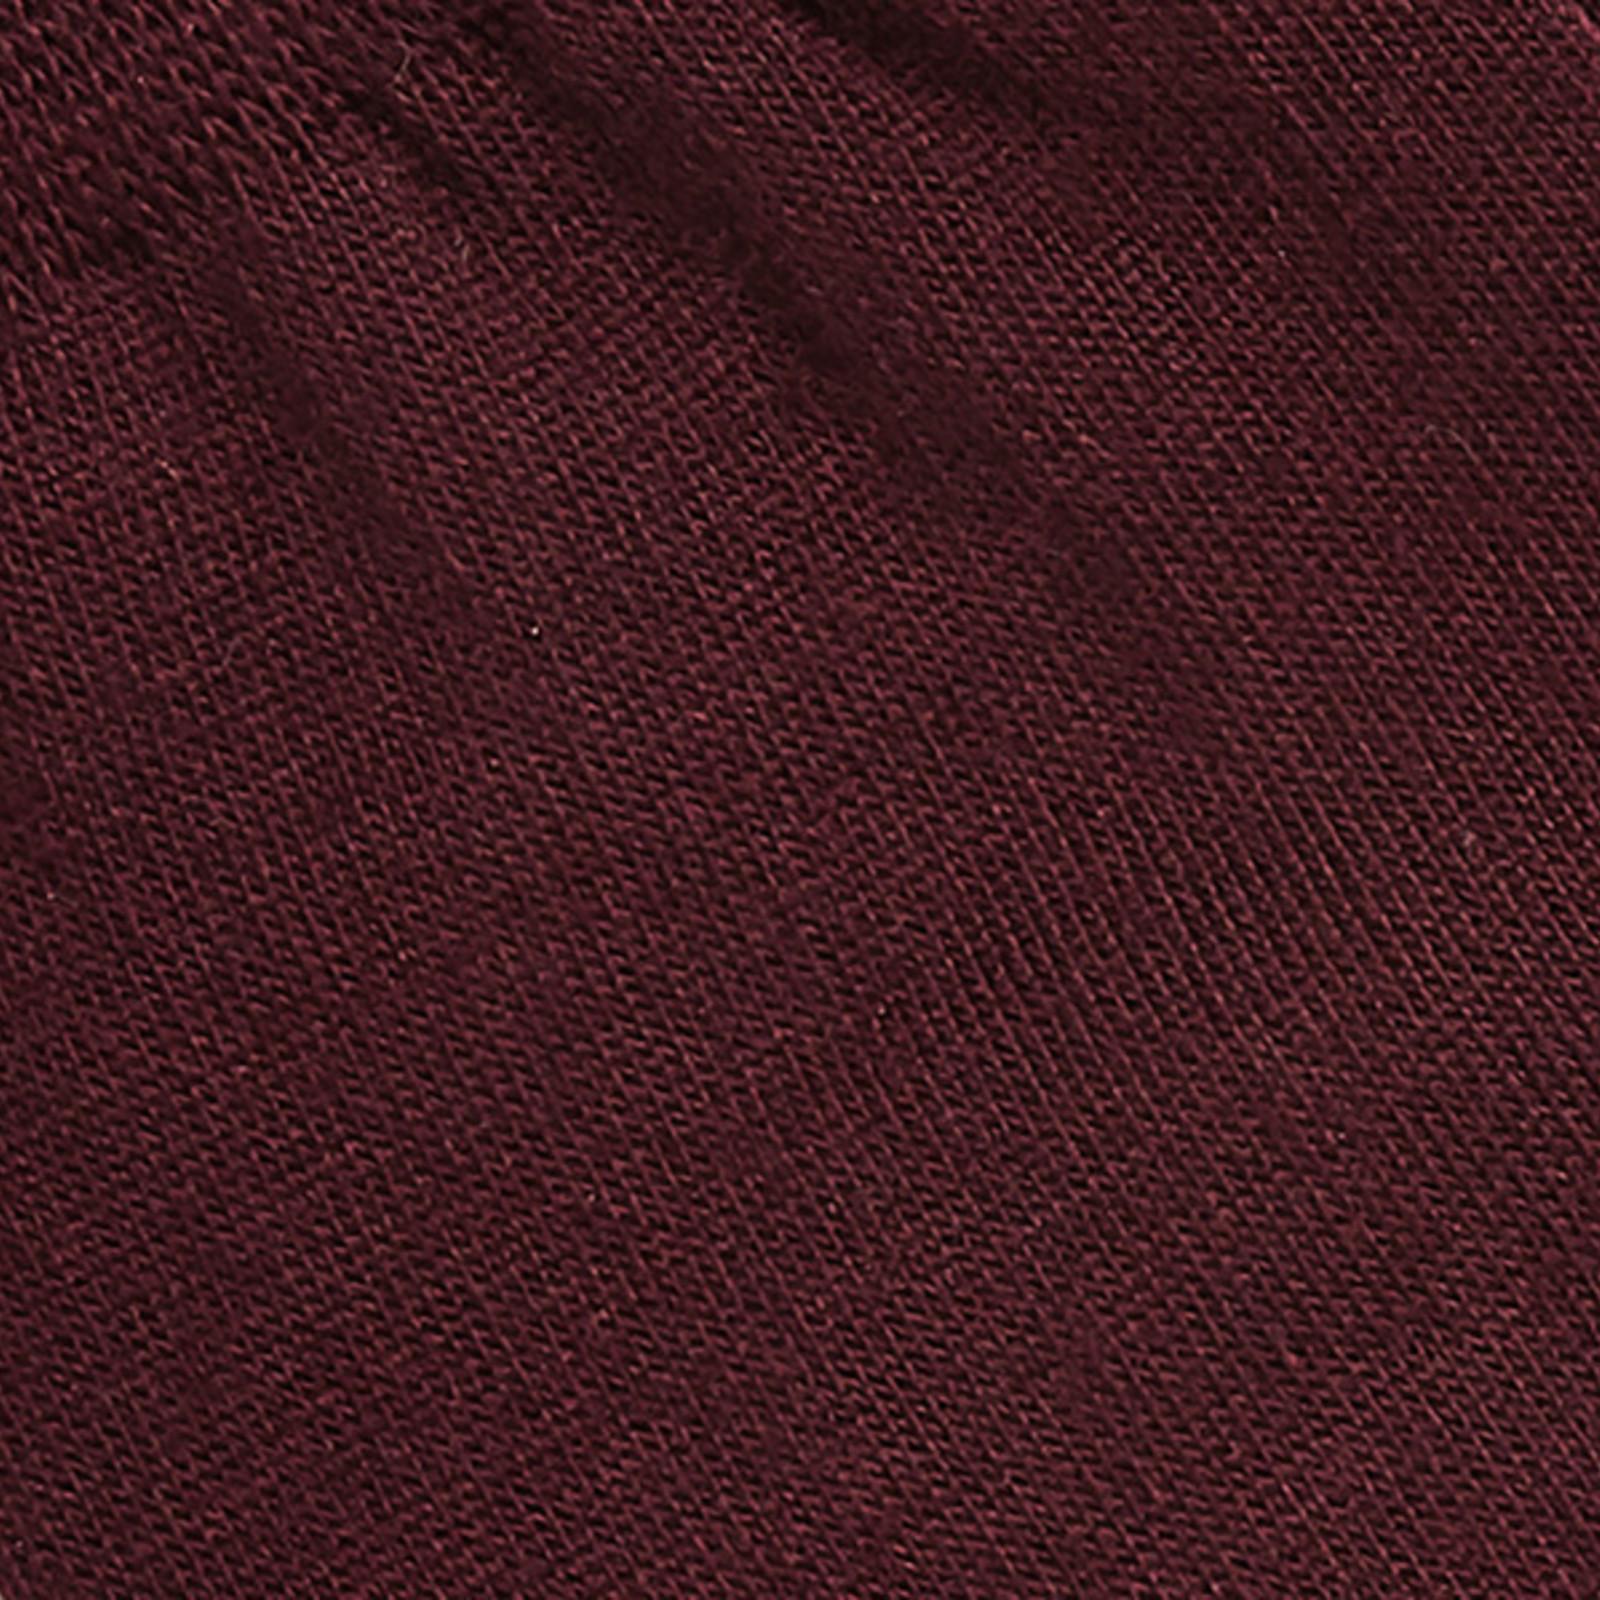 Carlo Lanza Bordeauxroten Socken Baumwolle